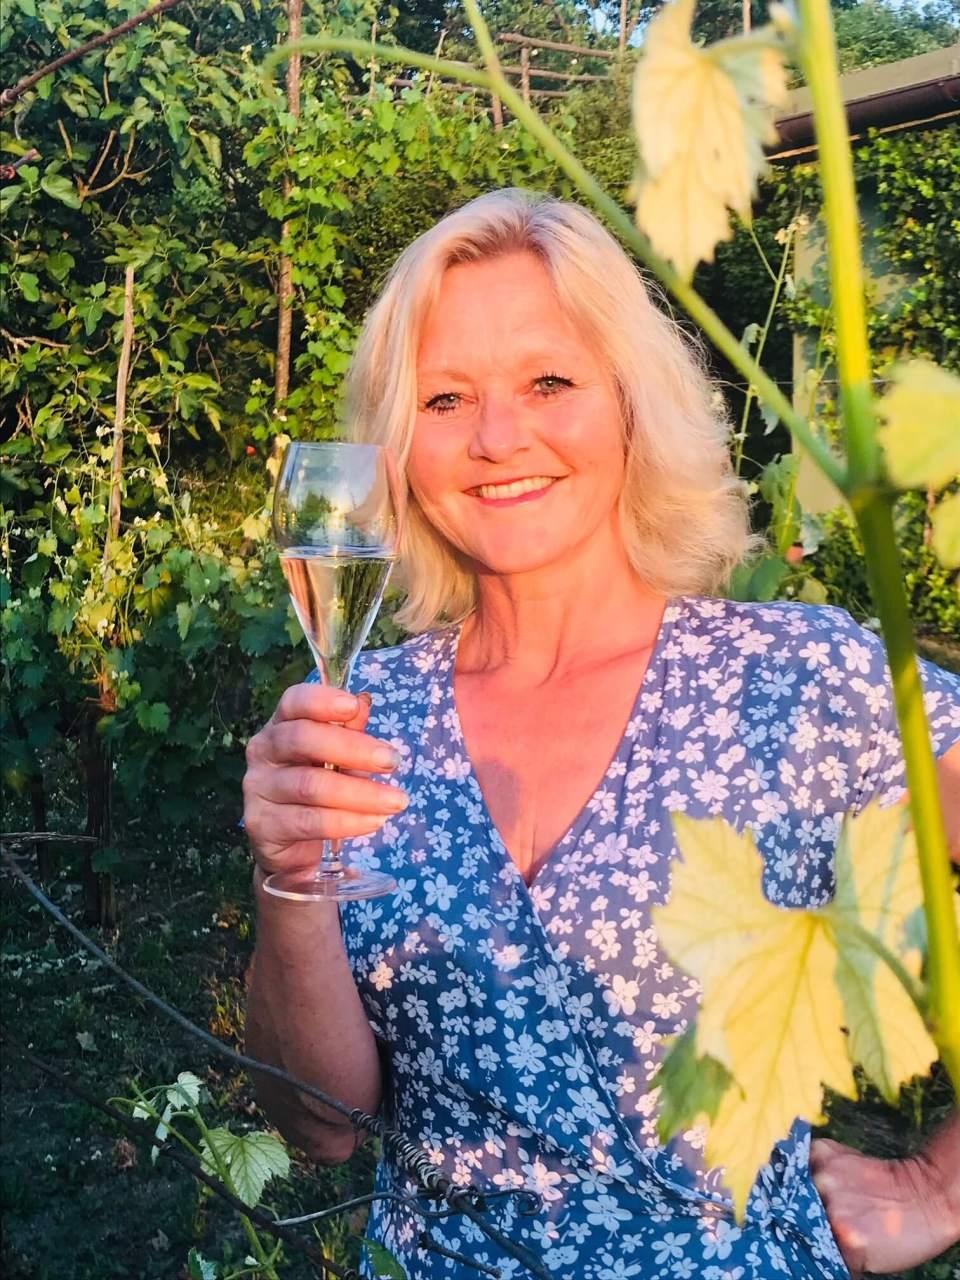 Det er mange som har vært på vingårdsbesøk hos oss denne sommeren. Det har vært så hyggelig å ta i mot både kjente og ukjente, og dele litt av mitt vinparadis. Vil du lese litt om hvordan det oppleves, har denne Oslo-damen, som også er en venninne, sendt meg dette flotte innlegget.